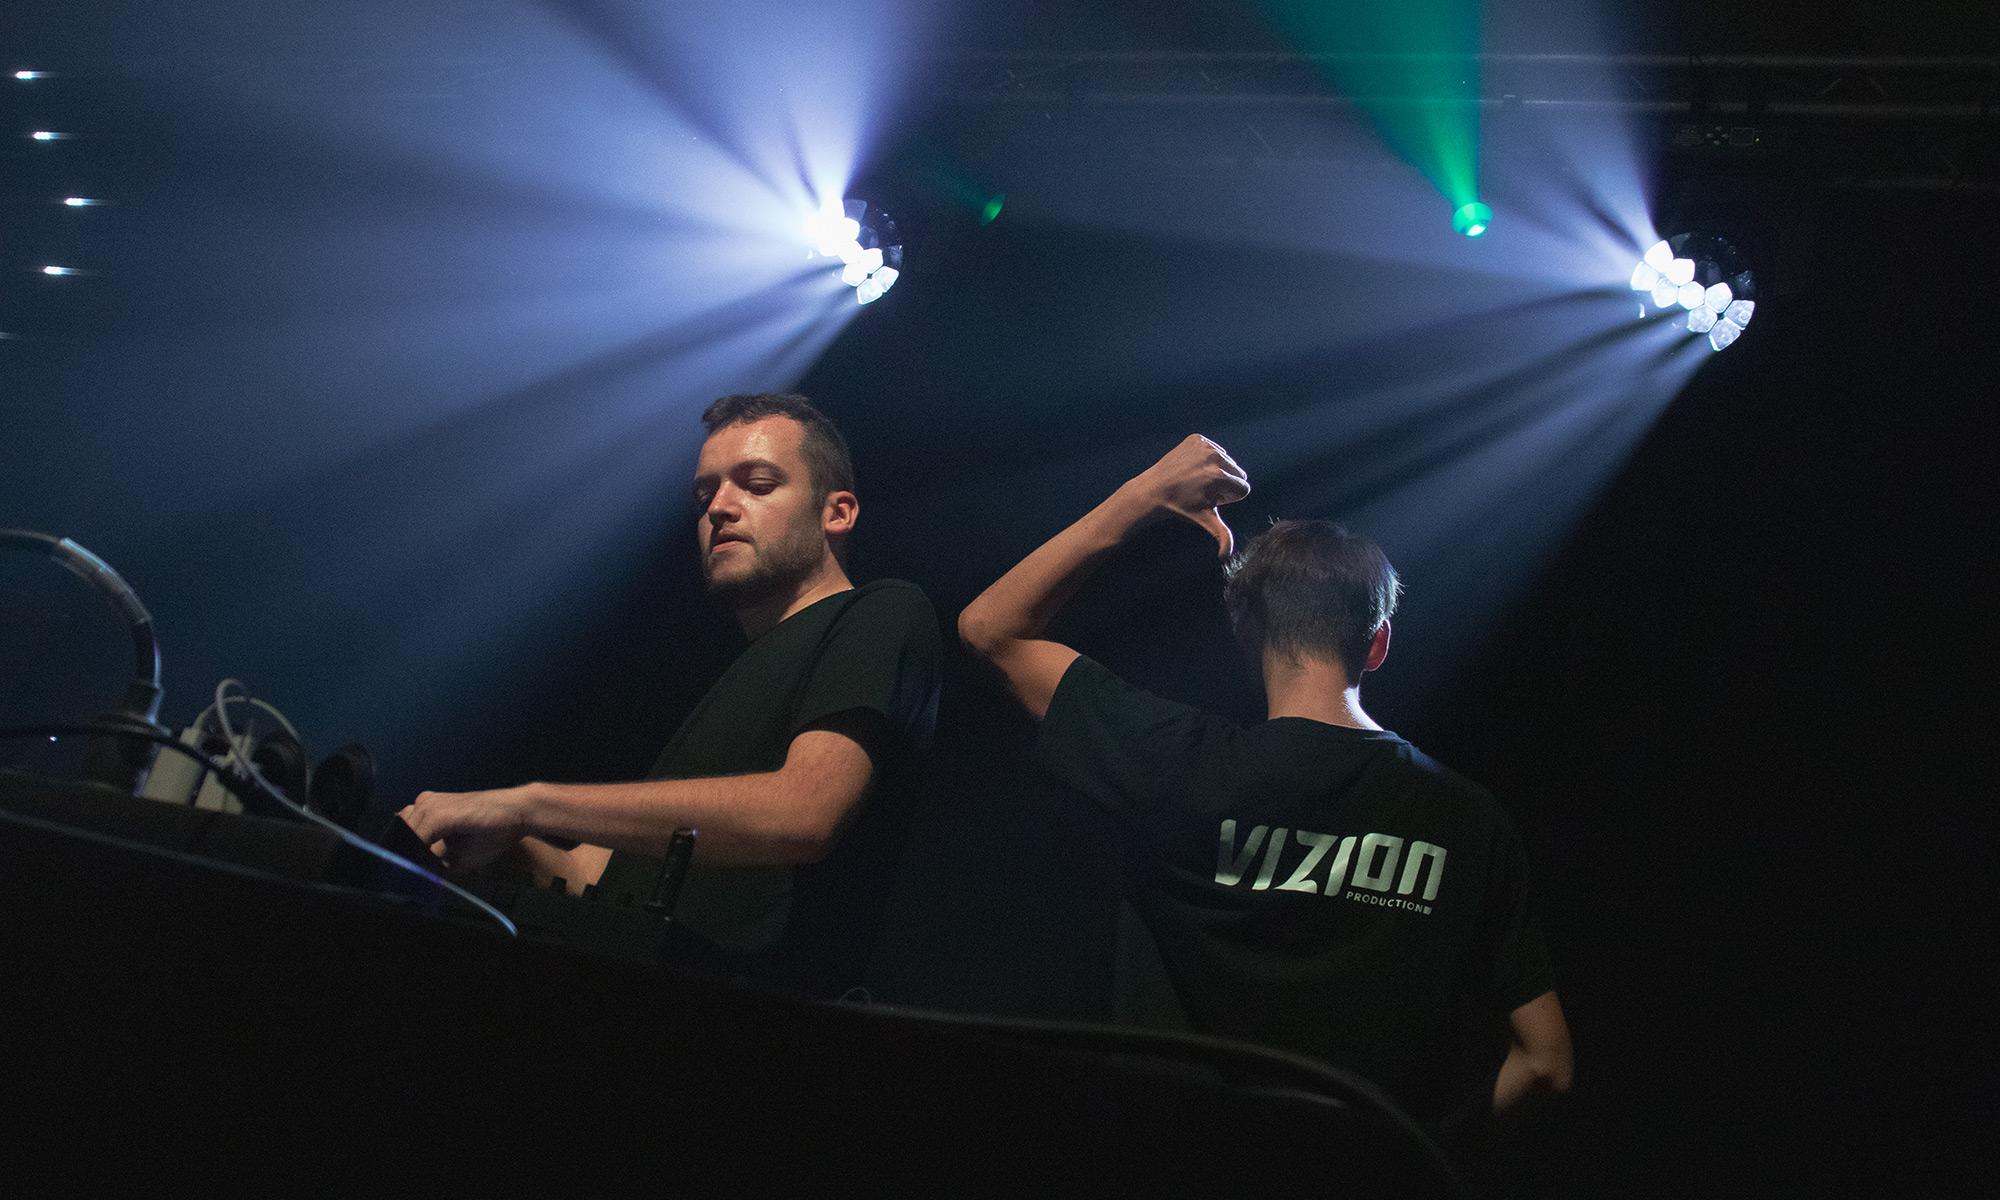 2000x1200-DJ-03